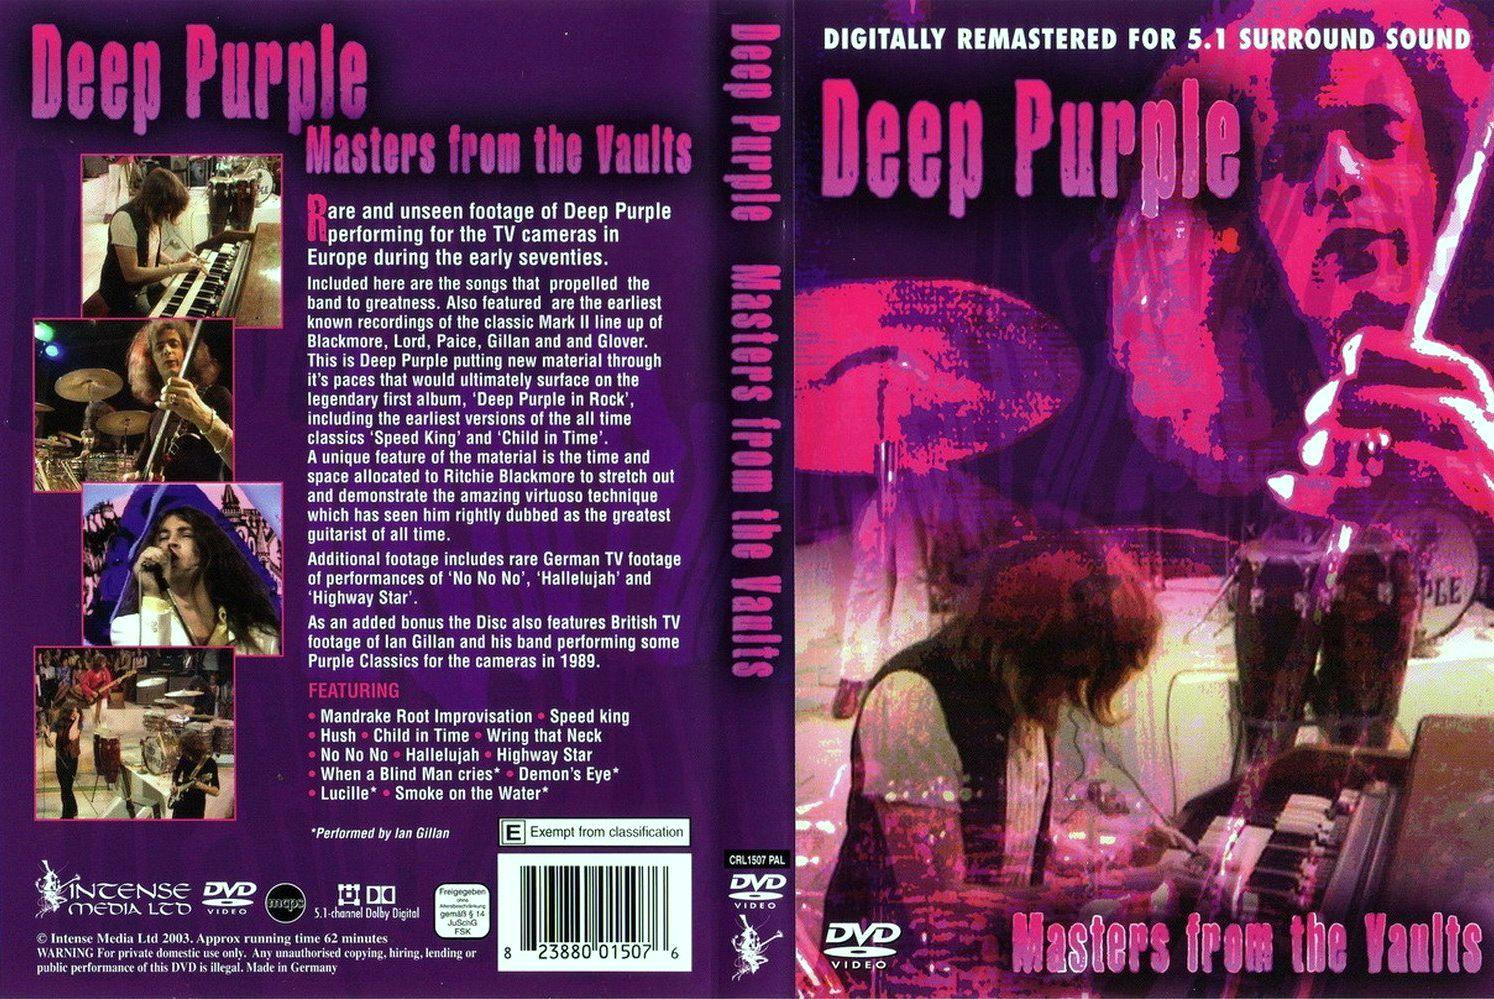 Deep Purple - Copenhagen 1975